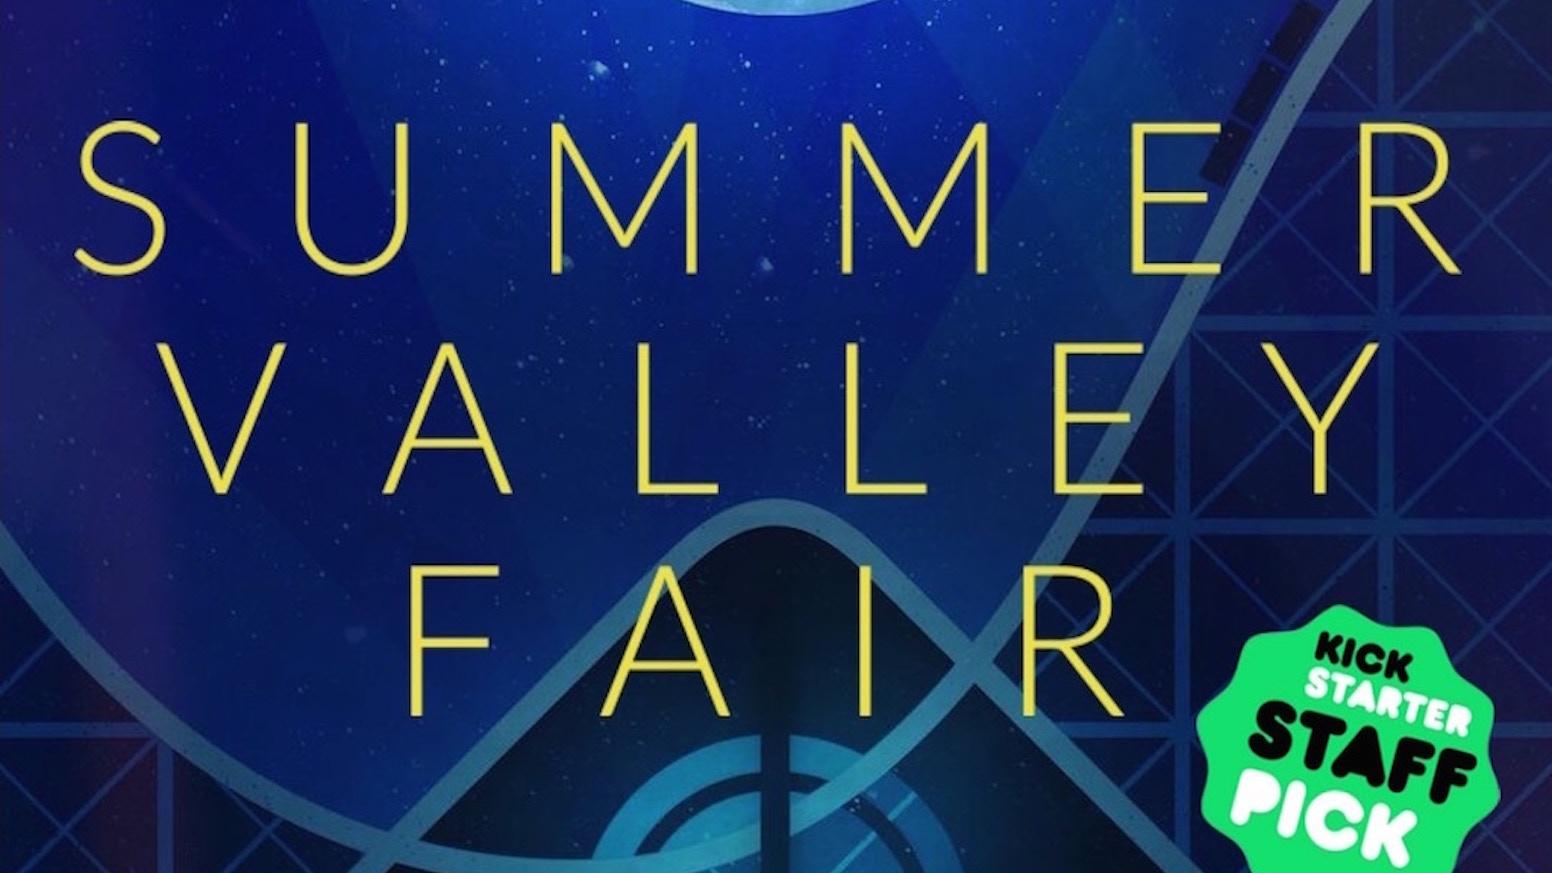 Summer Valley Fair By Patti Anne Miller Kickstarter